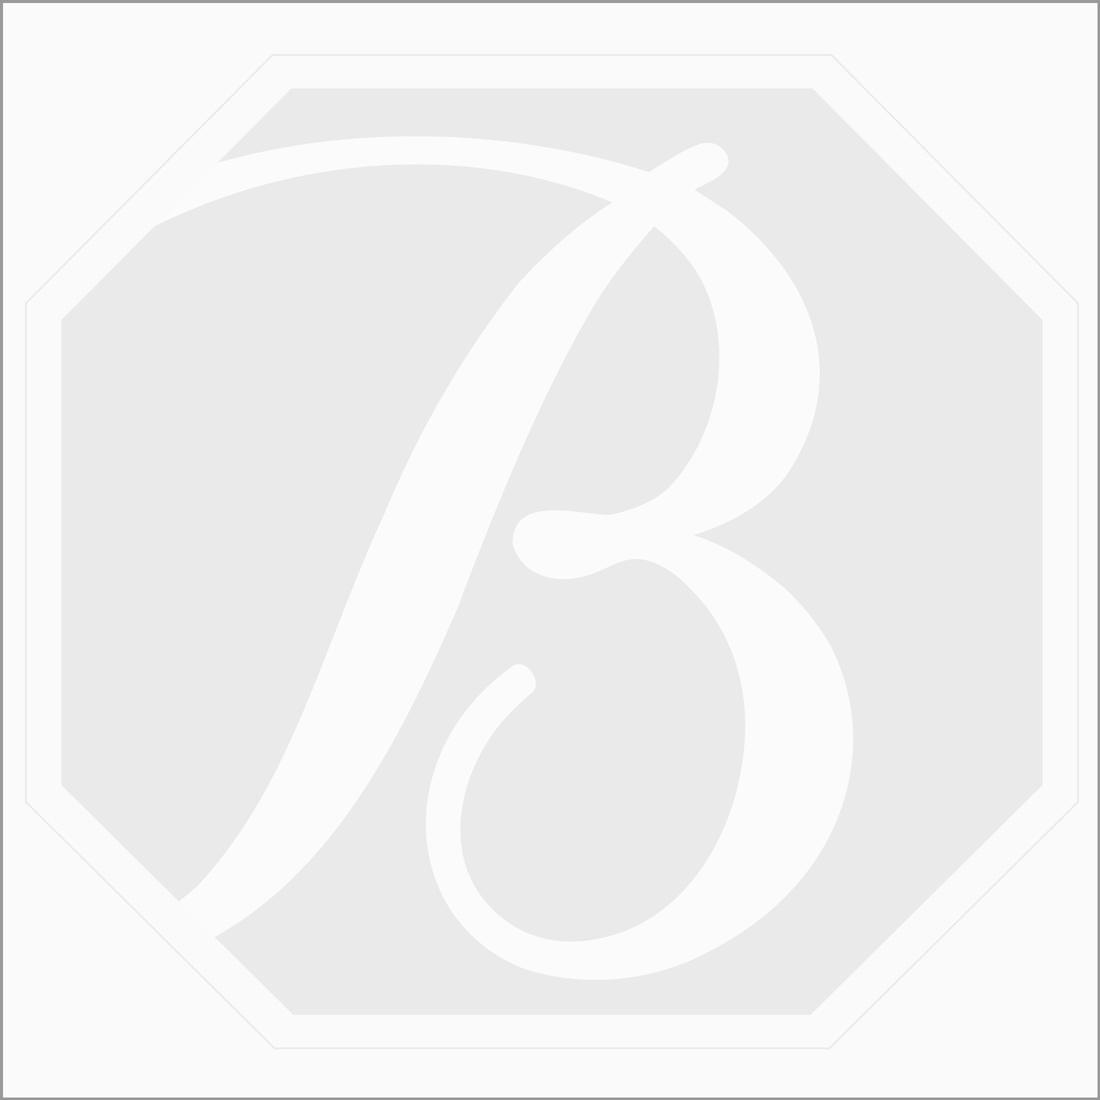 1 Pc - Dark Green Tourmaline Rose Cut - 7.58 ct. - 24 x 4.7 x 2.8 mm (TRC1063)